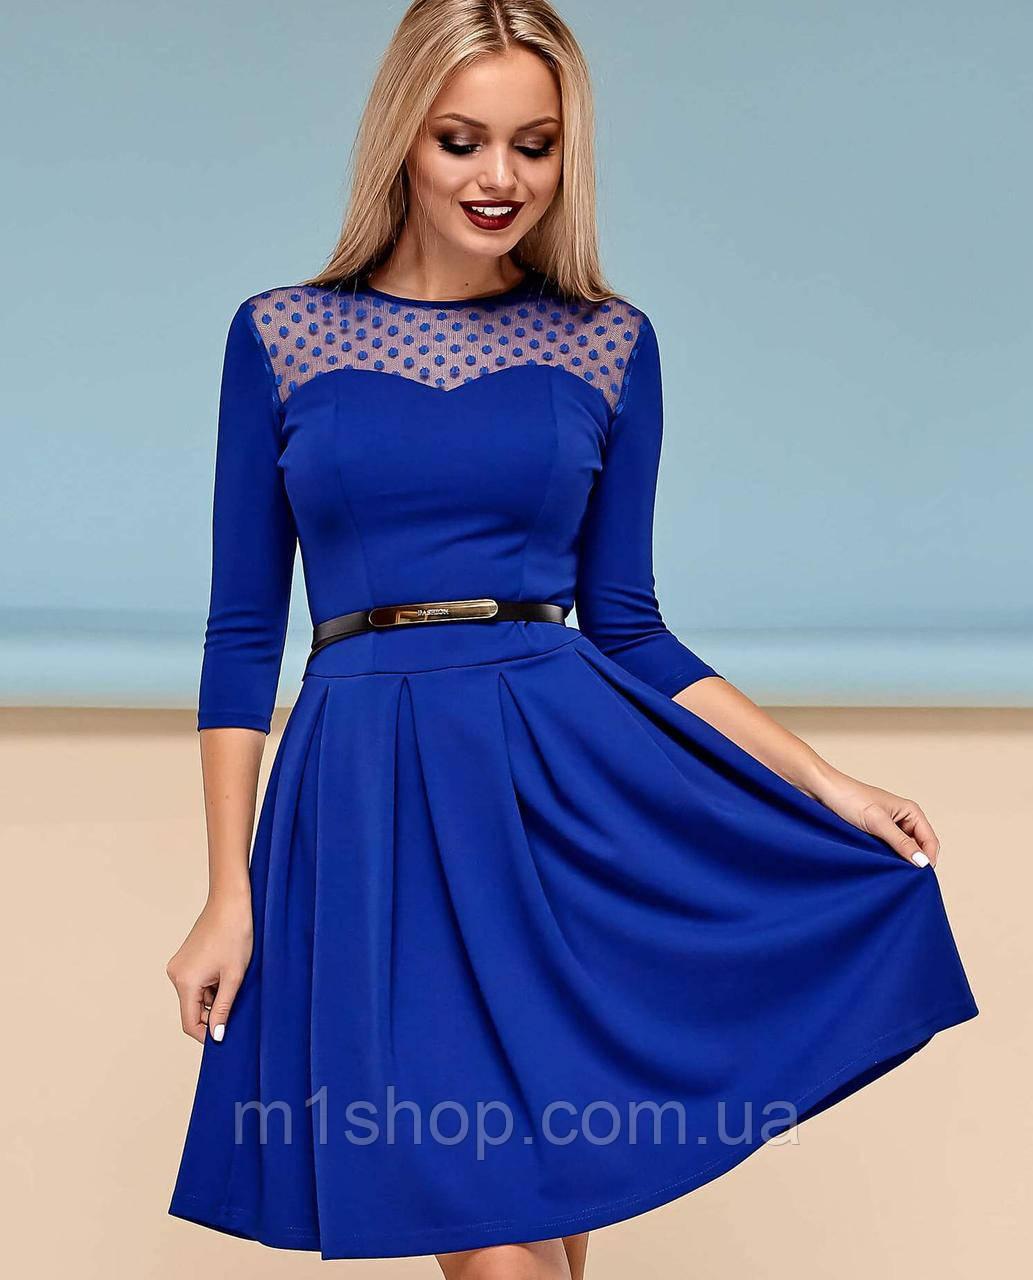 Женское расклешенное платье с сеткой на груди (Долорес jd)